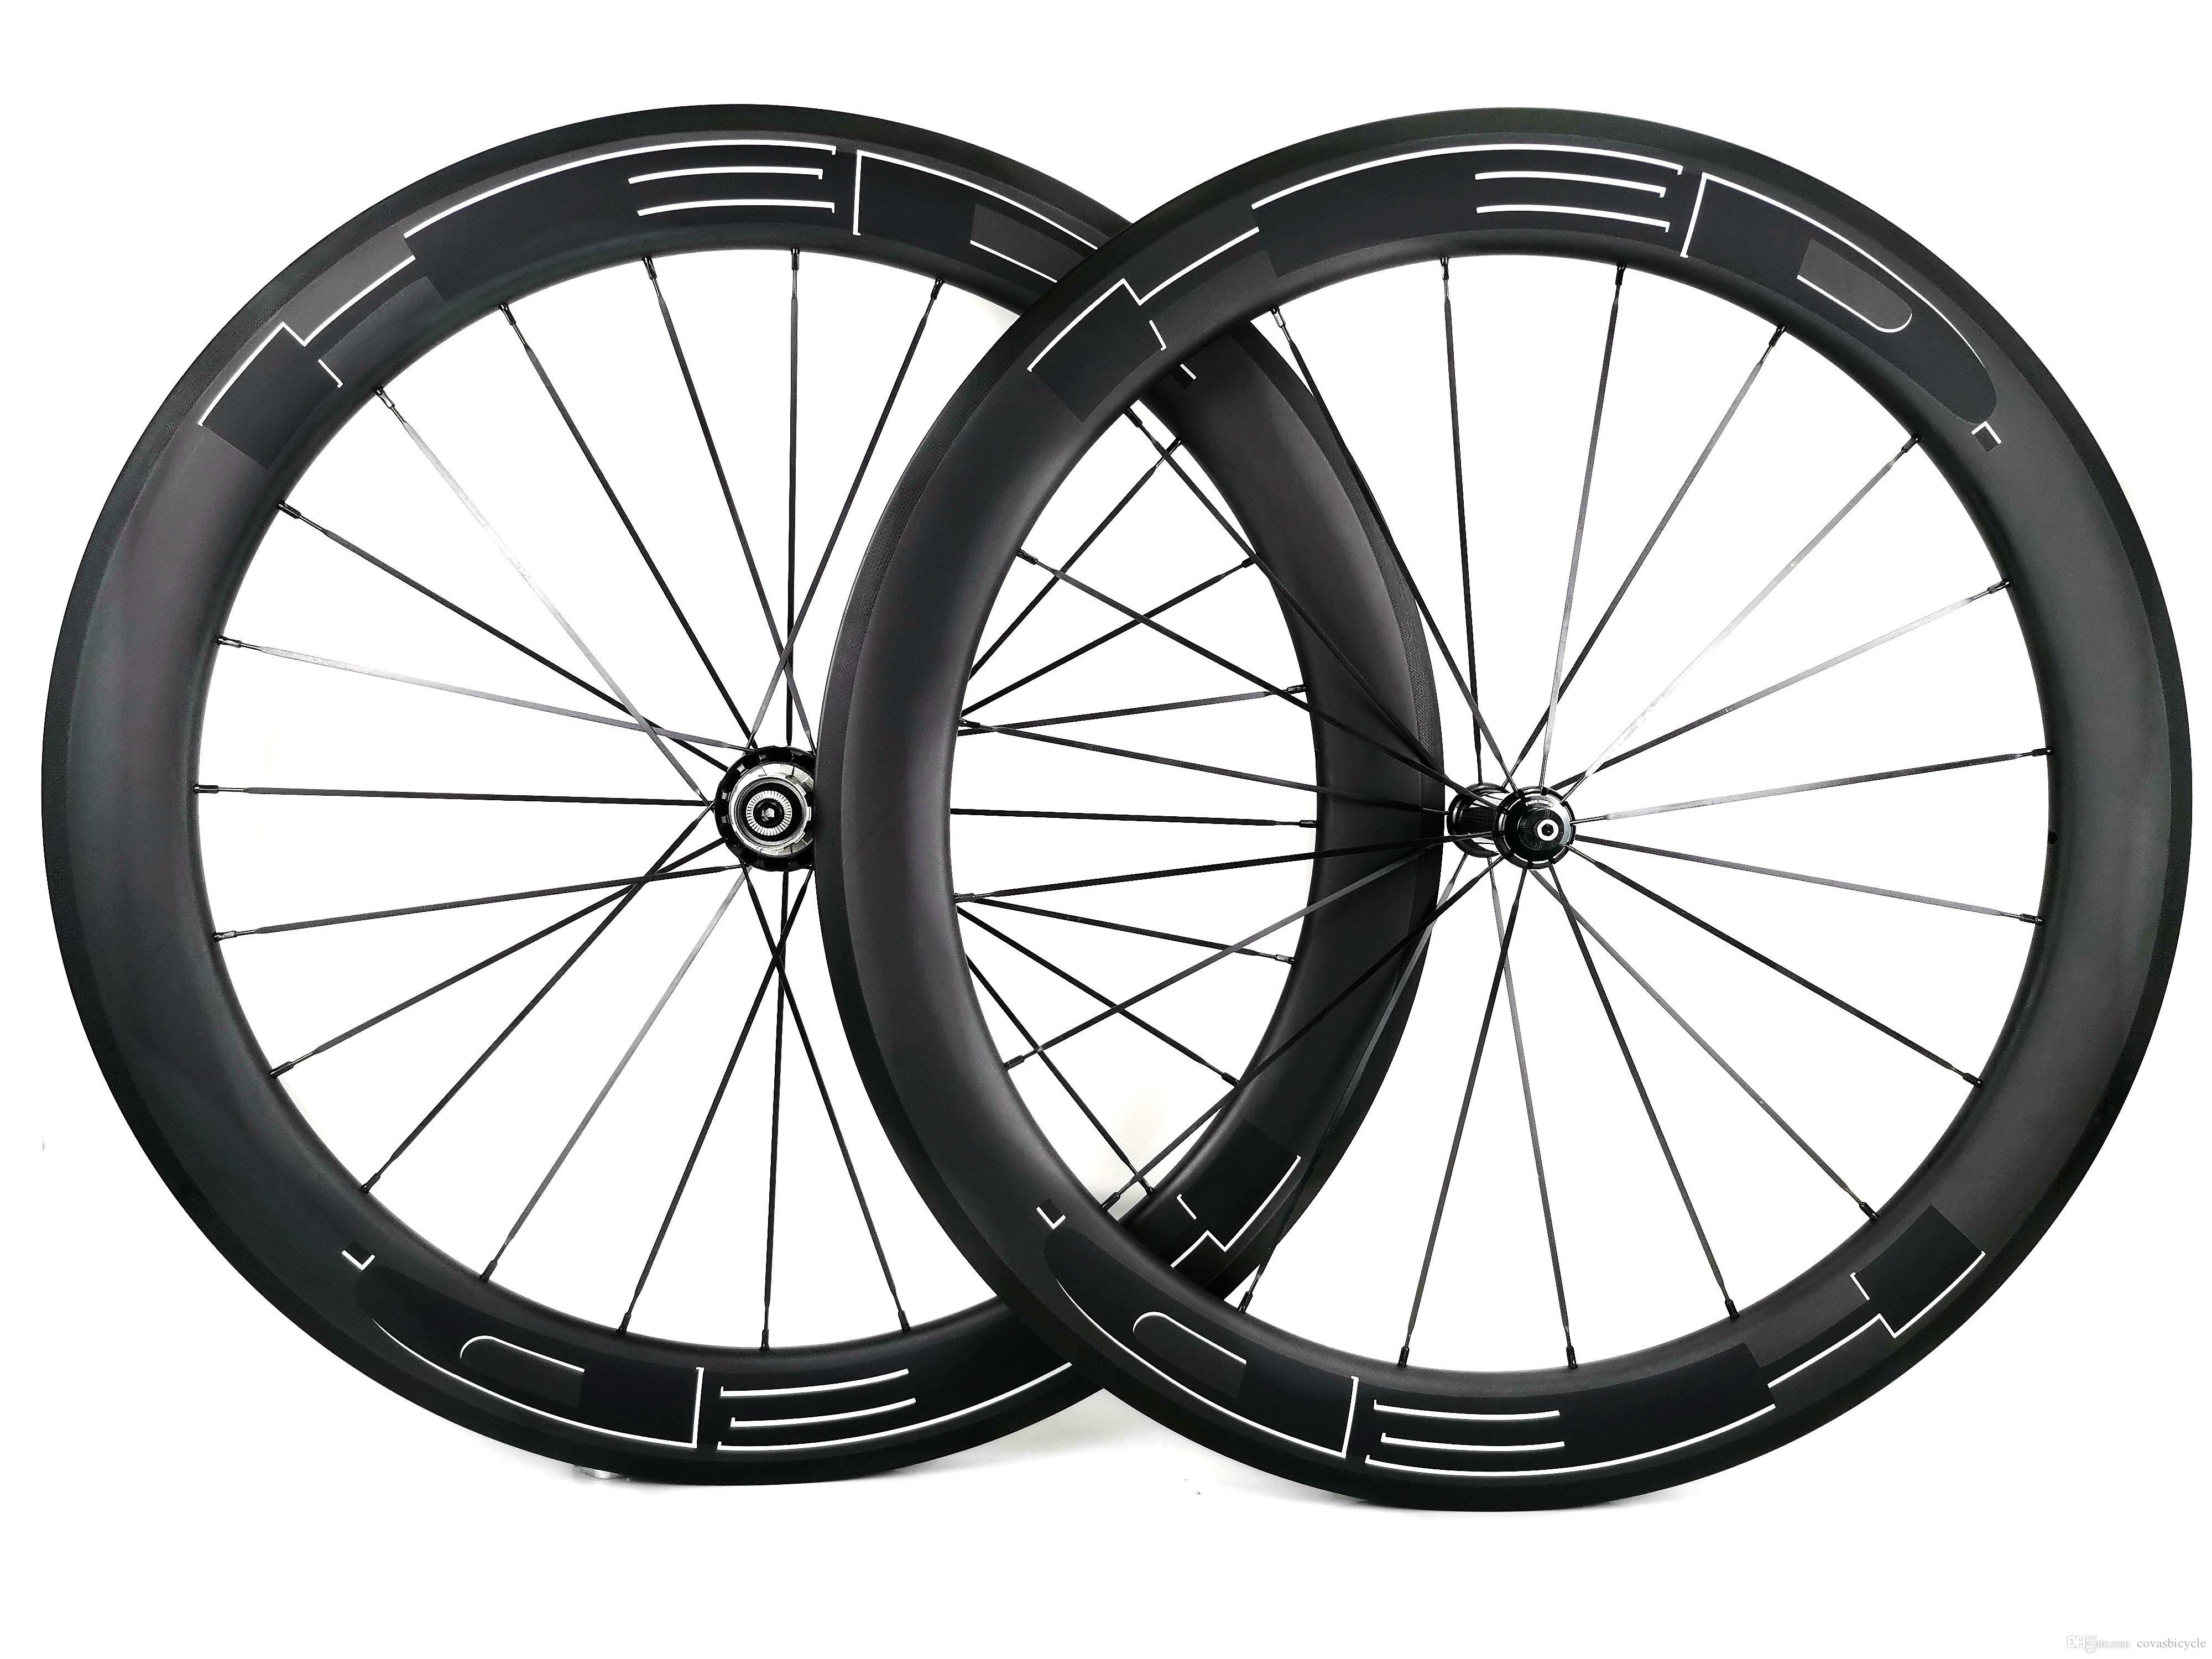 도로 자전거는 클린 처 / 관 탄소 폭 700C의 60mm 깊이 도로 탄소 바퀴 25mm 바퀴 U 자형 림 UD 매트 마무리 U 자형 림